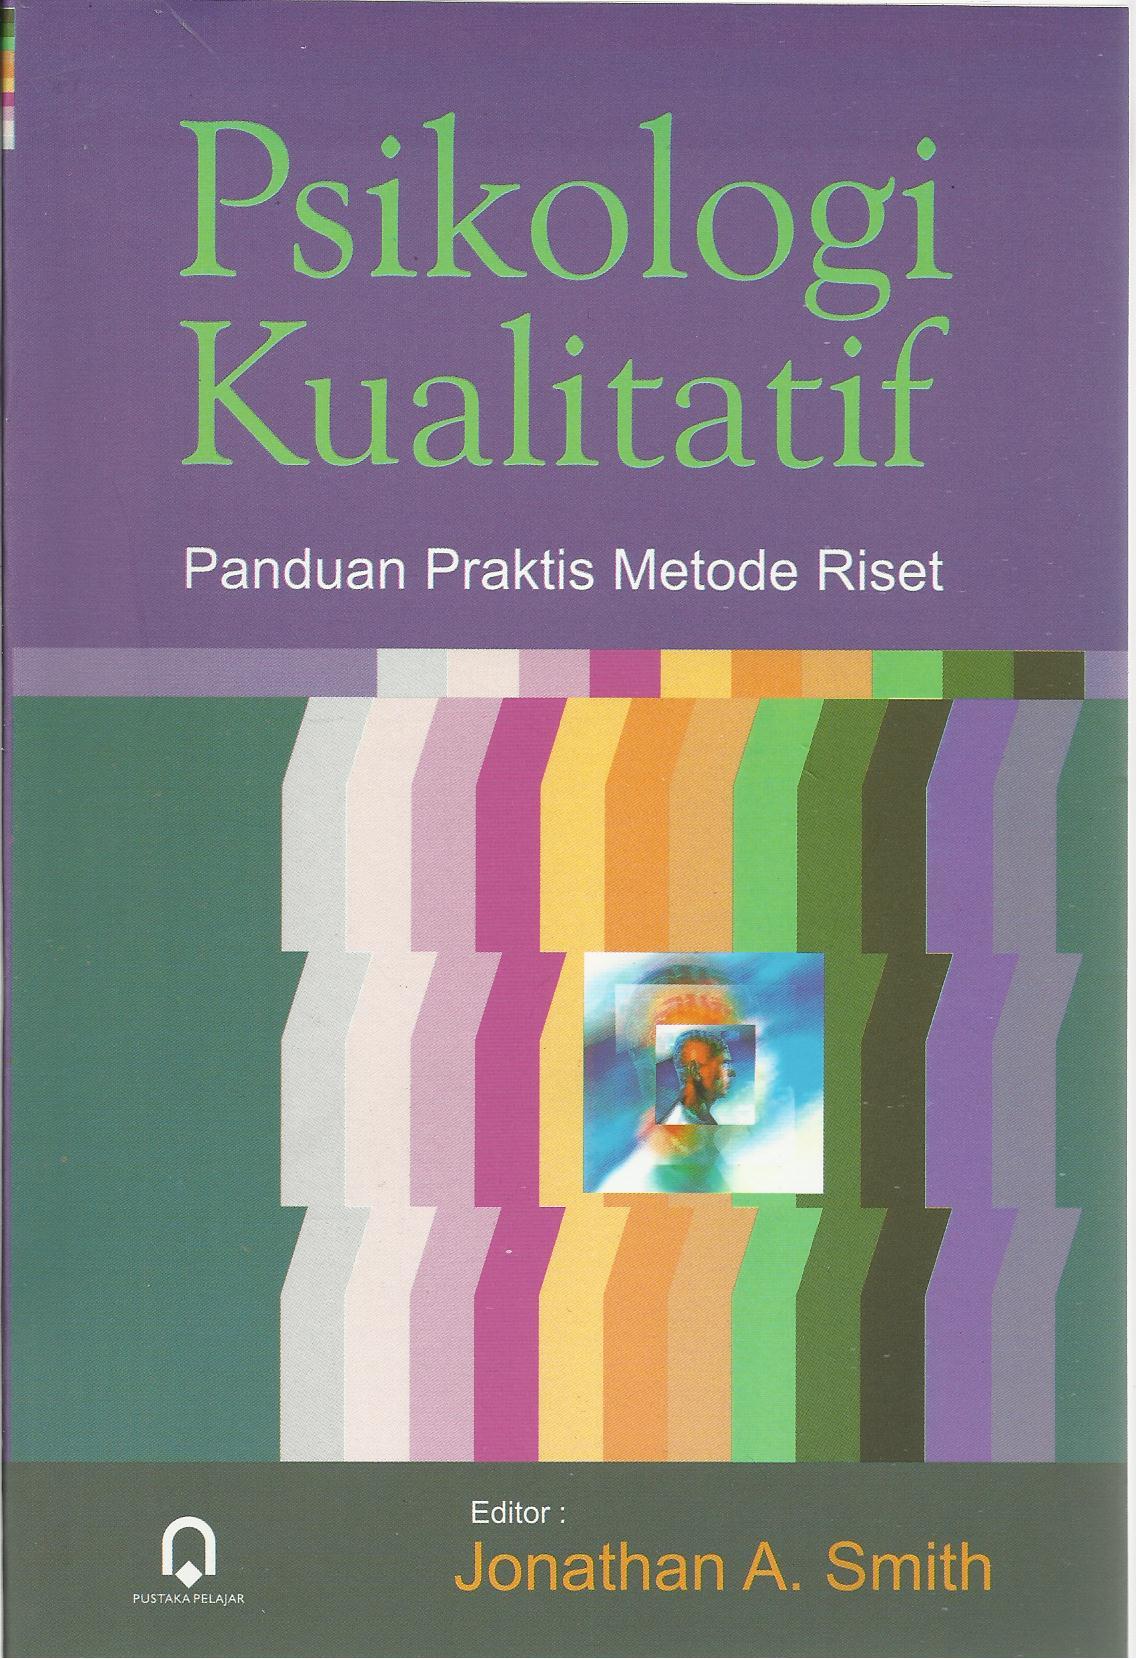 Psikologi Kualitatif : Panduan Praktis Metode Riset